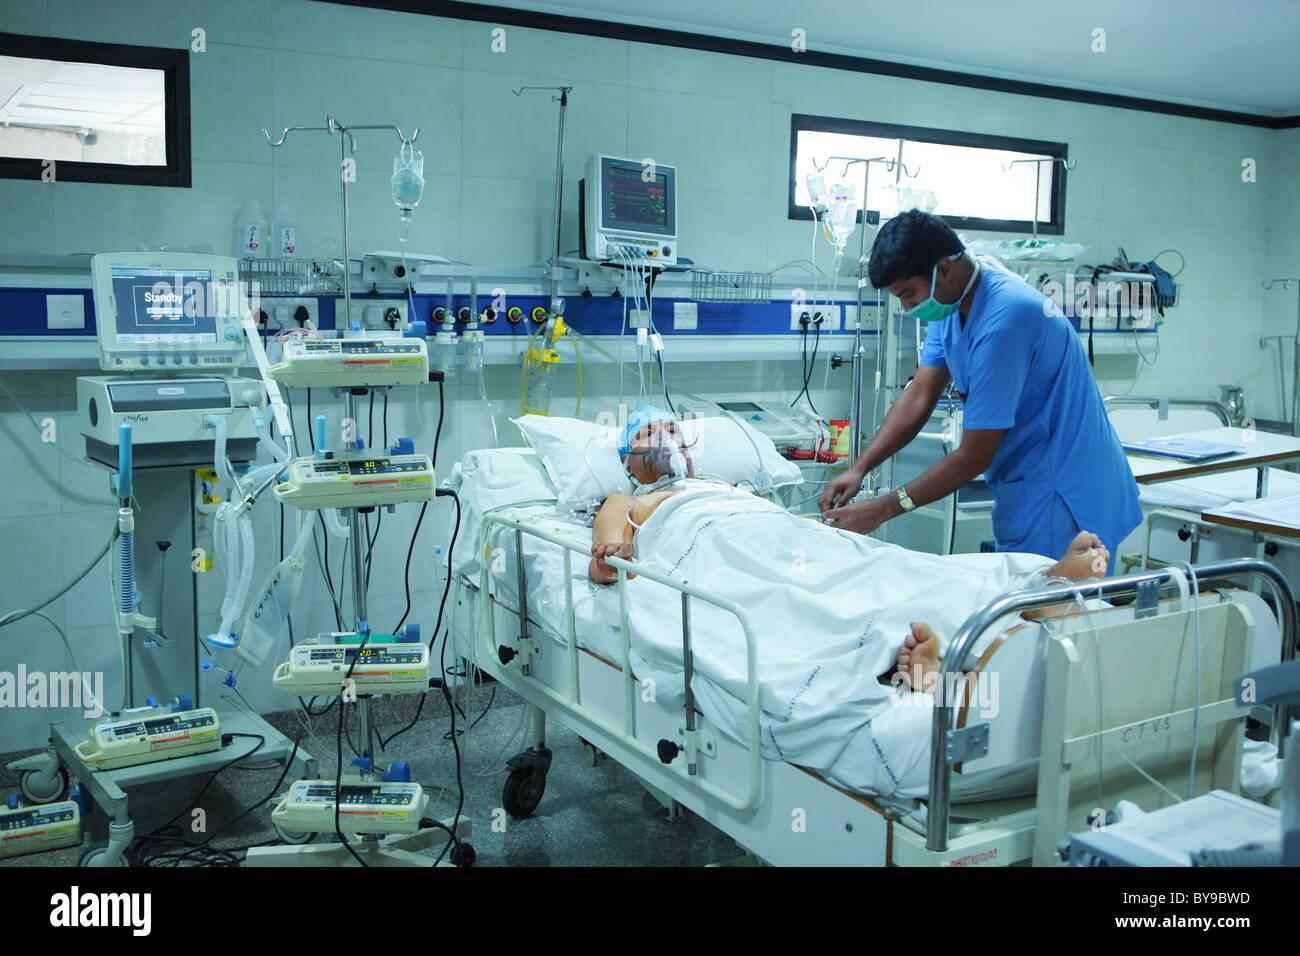 Icu Patient Stockfotos & Icu Patient Bilder